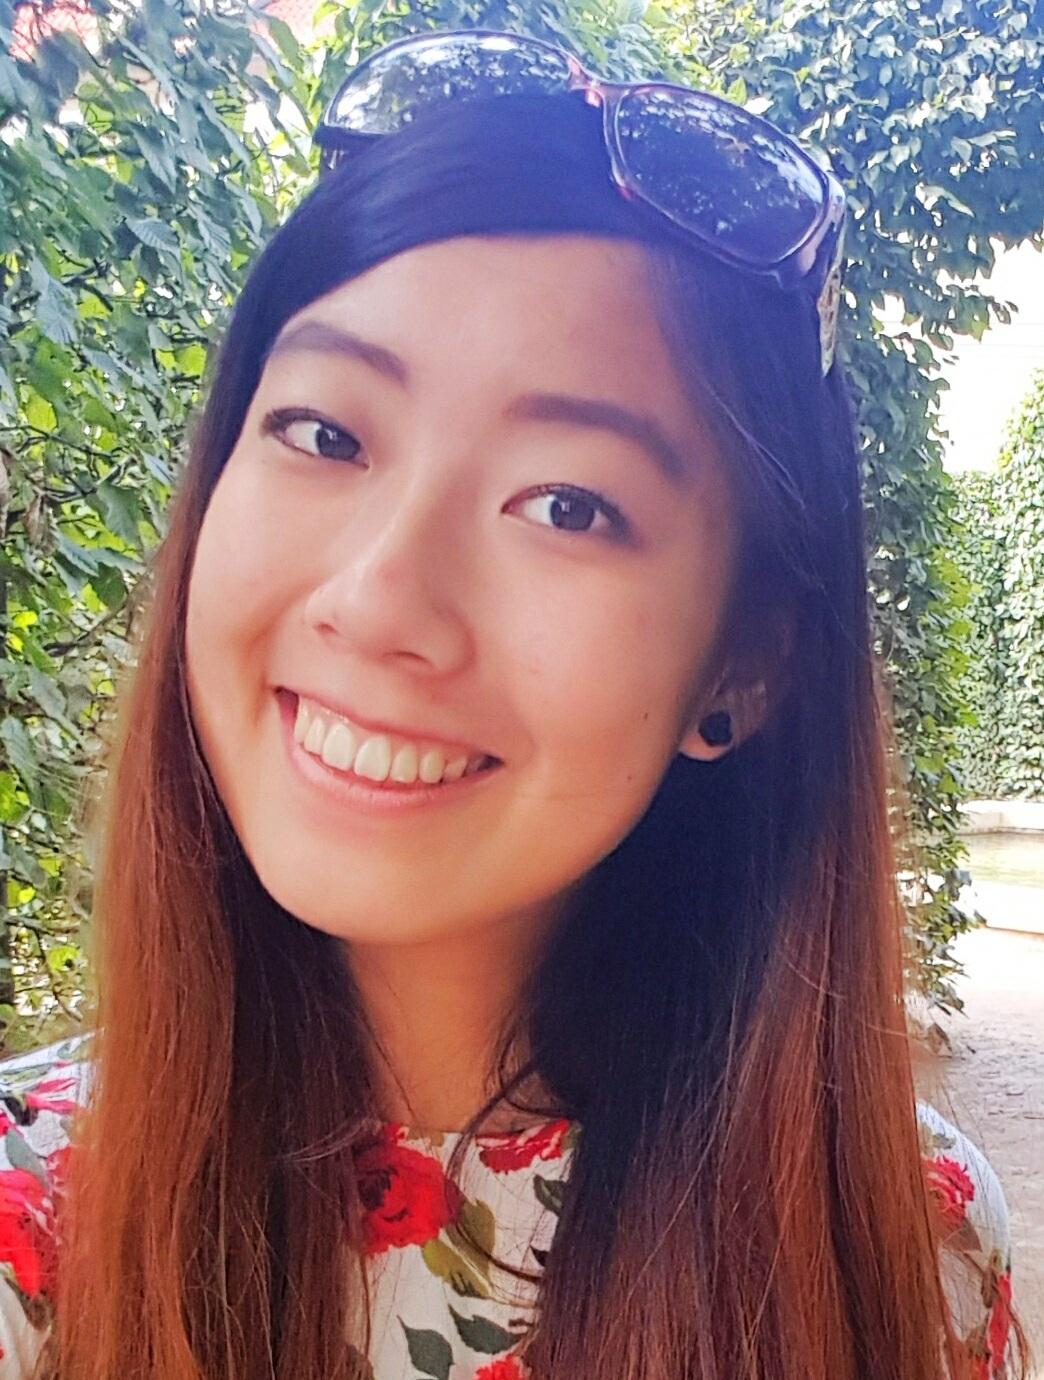 Leyi Hsu